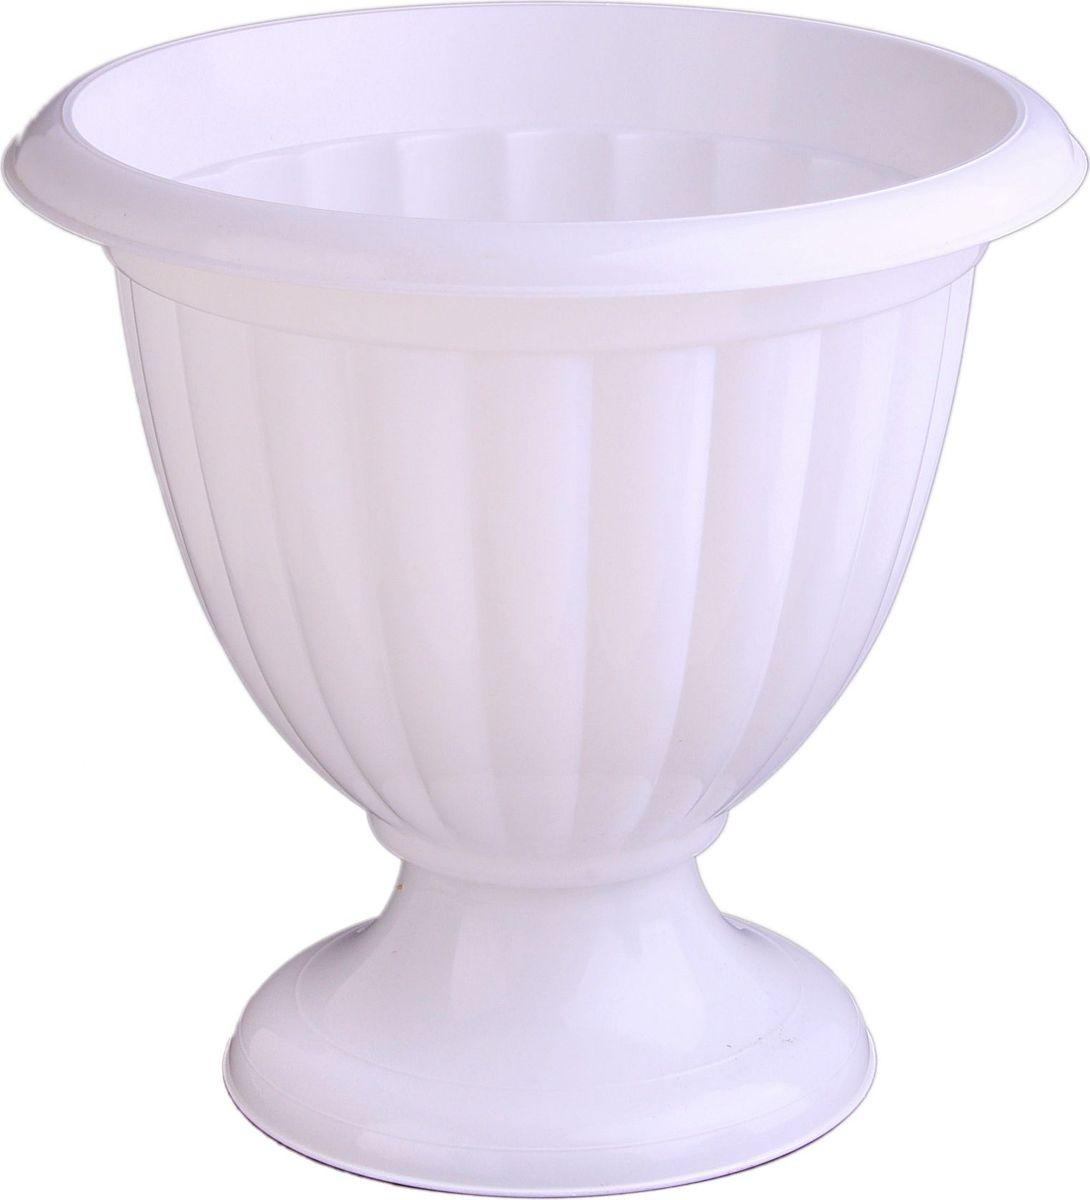 Вазон Альтернатива Жасмин, цвет: белый, 9 л531-105Любой, даже самый современный и продуманный интерьер будет не завершённым без растений. Они не только очищают воздух и насыщают его кислородом, но и заметно украшают окружающее пространство. Такому полезному члену семьи просто необходимо красивое и функциональное кашпо, оригинальный горшок или необычная ваза! Мы предлагаем - Вазон 9 л Жасмин, цвет белый! Оптимальный выбор материала пластмасса! Почему мы так считаем? Малый вес. С лёгкостью переносите горшки и кашпо с места на место, ставьте их на столики или полки, подвешивайте под потолок, не беспокоясь о нагрузке. Простота ухода. Пластиковые изделия не нуждаются в специальных условиях хранения. Их легко чистить достаточно просто сполоснуть тёплой водой. Никаких царапин. Пластиковые кашпо не царапают и не загрязняют поверхности, на которых стоят. Пластик дольше хранит влагу, а значит растение реже нуждается в поливе. Пластмасса не пропускает воздух корневой системе растения не грозят резкие перепады температур. Огромный выбор форм, декора и расцветок вы без труда подберёте что-то, что идеально впишется в уже существующий интерьер. Соблюдая нехитрые правила ухода, вы можете заметно продлить срок службы горшков, вазонов и кашпо из пластика: всегда учитывайте размер кроны и корневой системы растения (при разрастании большое растение способно повредить маленький горшок)берегите изделие от воздействия прямых солнечных лучей, чтобы кашпо и горшки не выцветалидержите кашпо и горшки из пластика подальше от нагревающихся поверхностей. Создавайте прекрасные цветочные композиции, выращивайте рассаду или необычные растения, а низкие цены позволят вам не ограничивать себя в выборе.